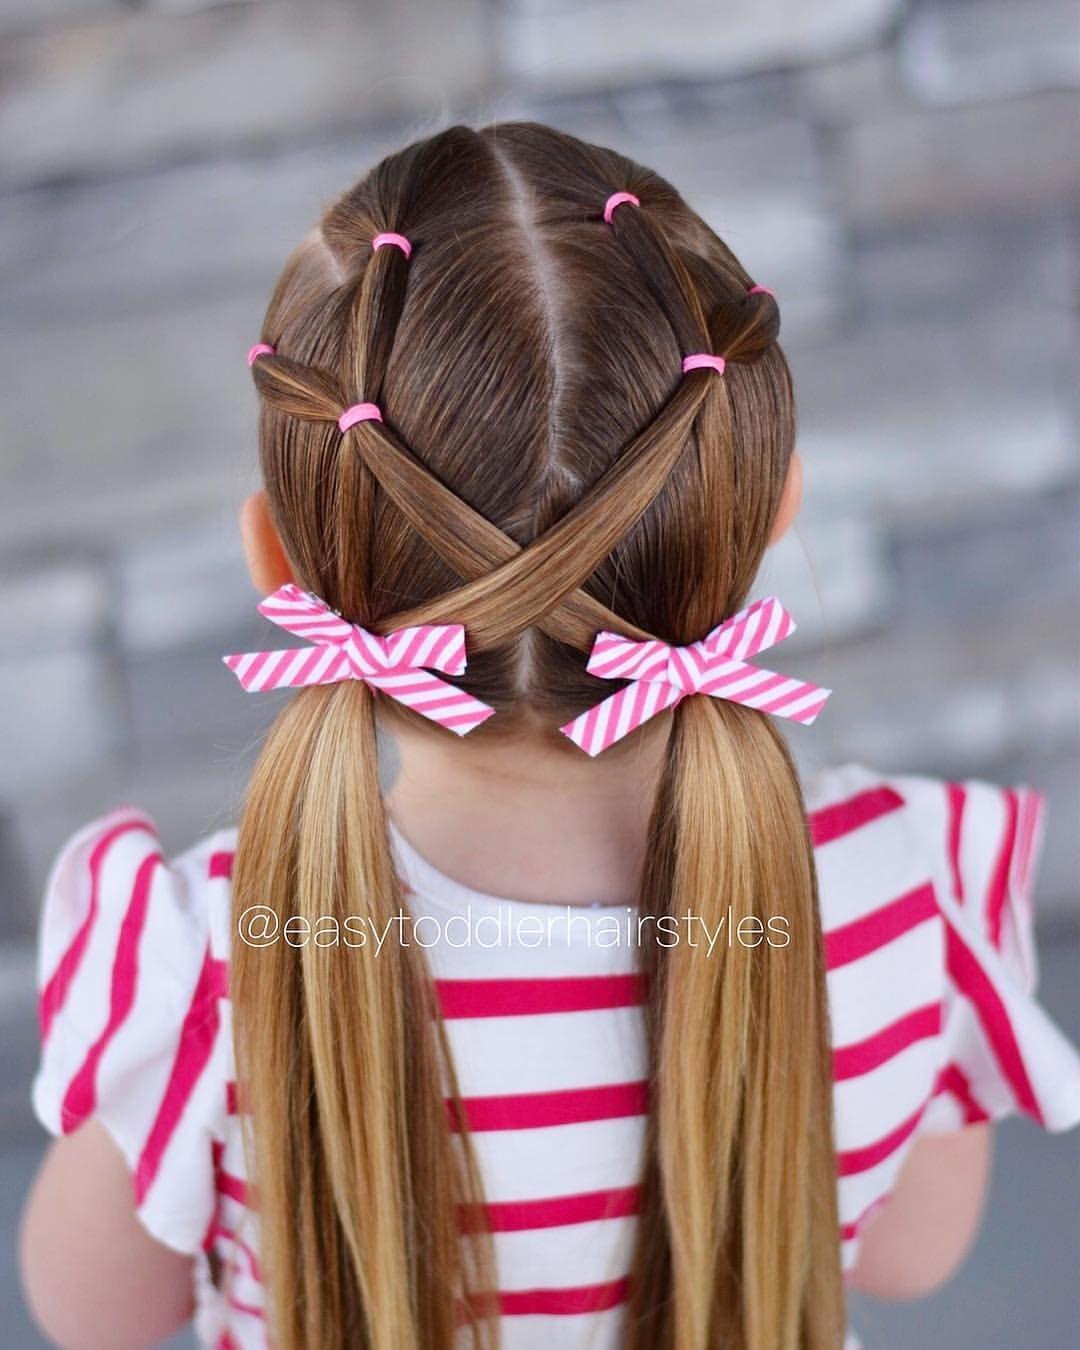 """Tiffany ❤️ Hair For Littles auf Instagram: """"Elastischer 10-minütiger Zopfstil. Es sollte die ganze Woche über in den 50ern sein, was mich wahnsinnig glücklich macht. Wir hatten die letzten 6 so viel Schnee … """""""